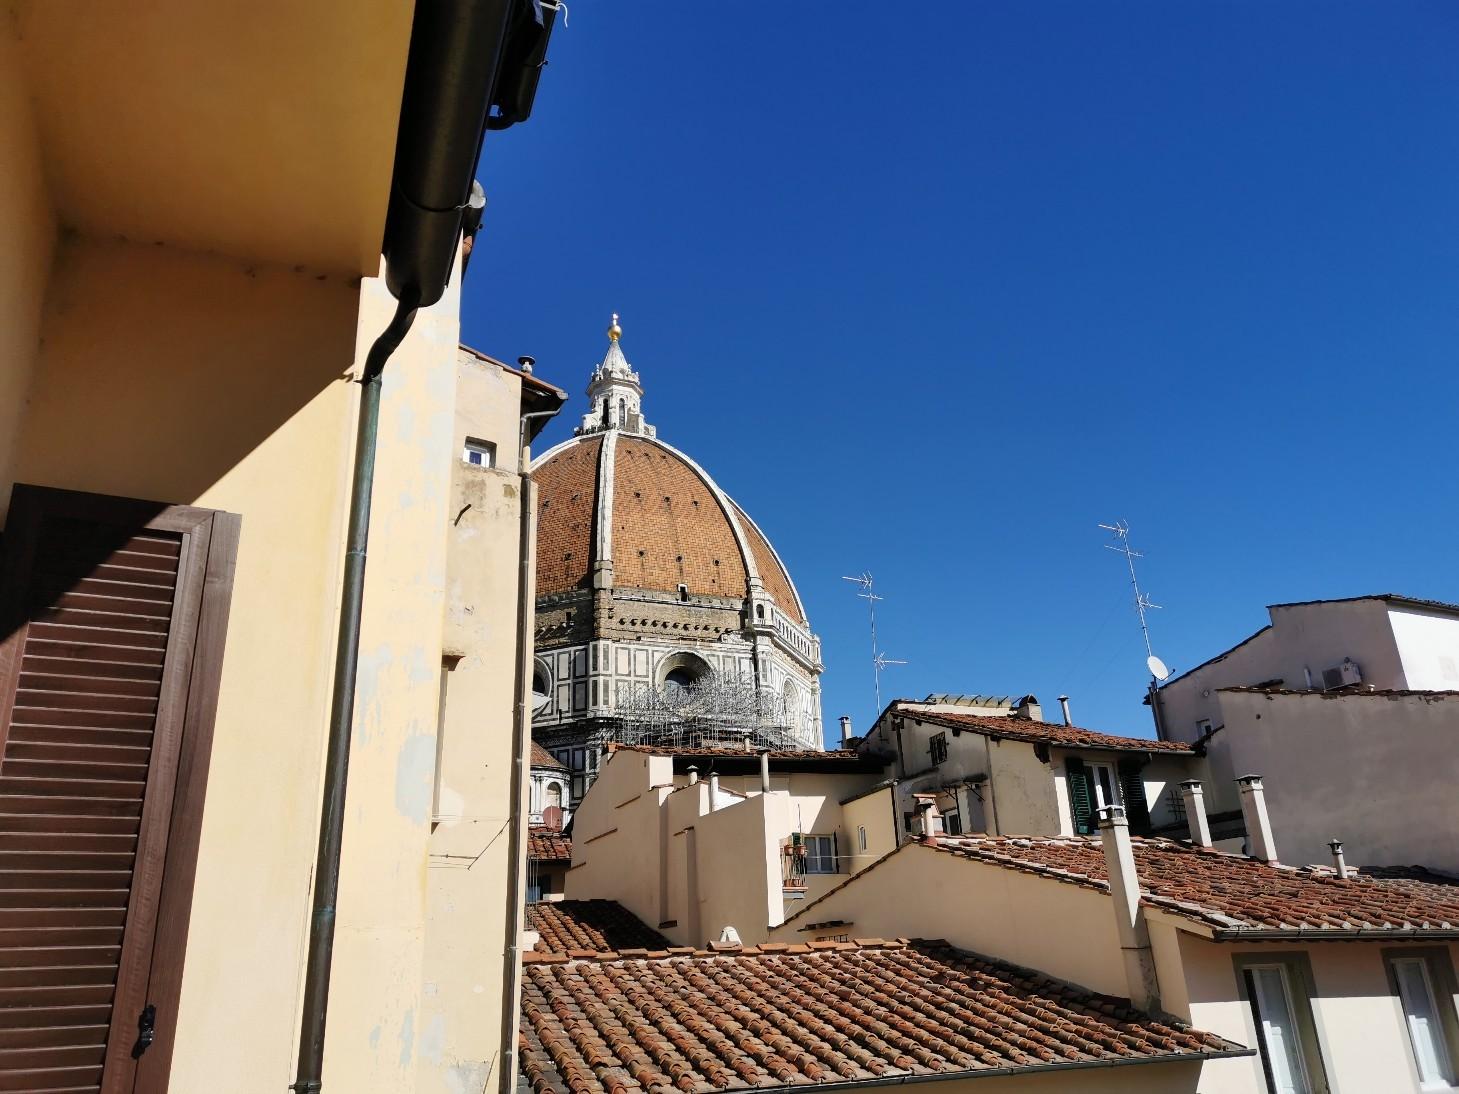 テラスで楽しむフィレンツェ滞在_f0106597_15090079.jpg